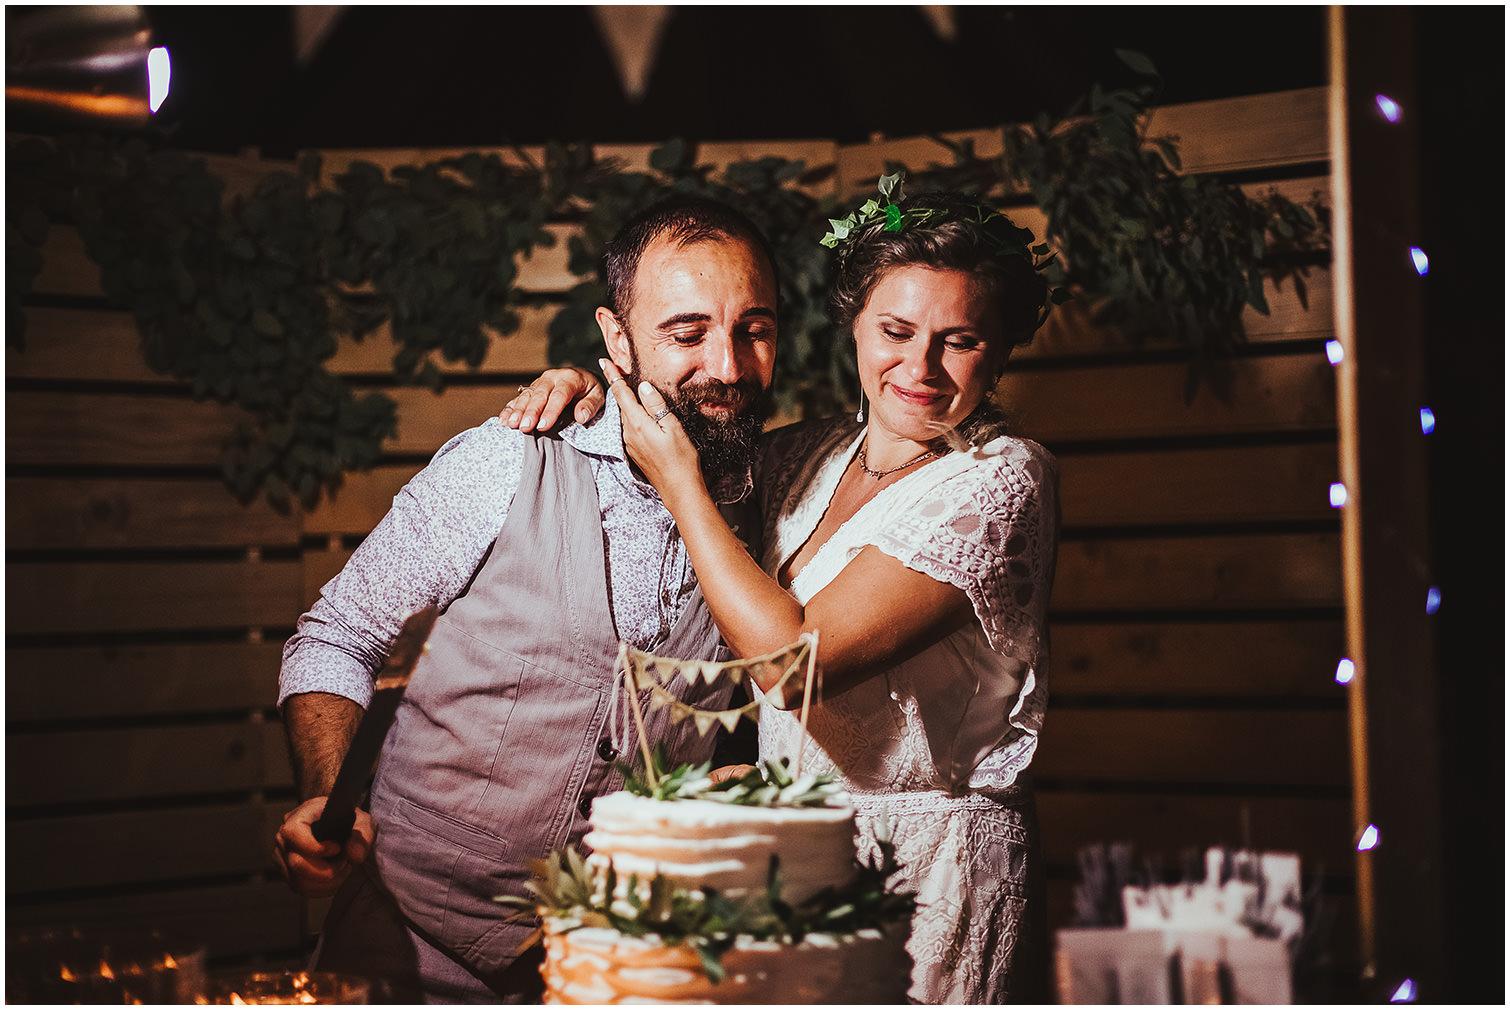 CLARA-RICCARDO-MATRIMONIO-CIRCO-VOLAVOILA-ROMA-SARA-LORENZONI-WEDDING-PHOTOGRAPHY-094